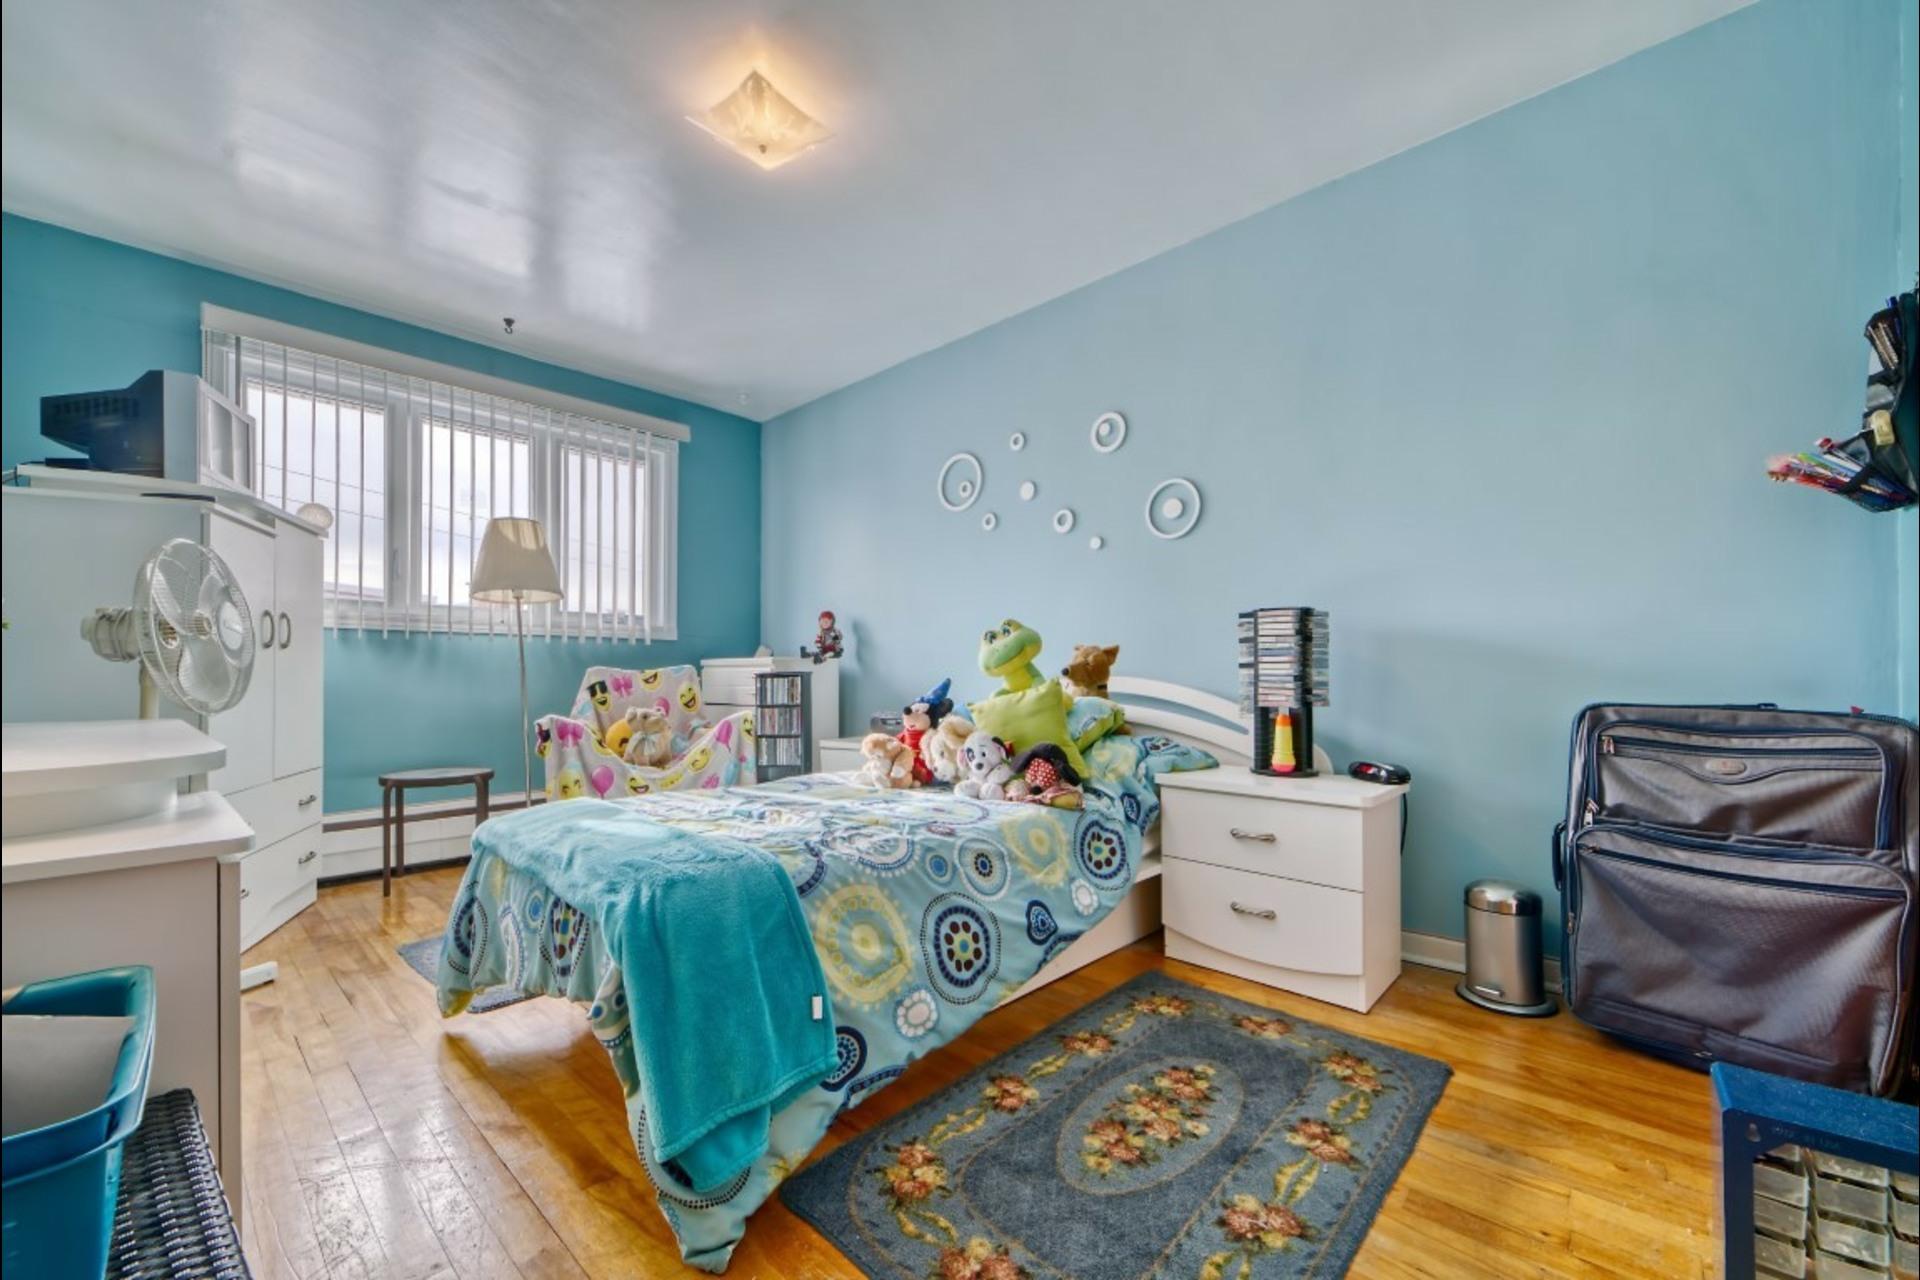 image 4 - Appartement À louer Montréal Saint-Leonard - 5 pièces